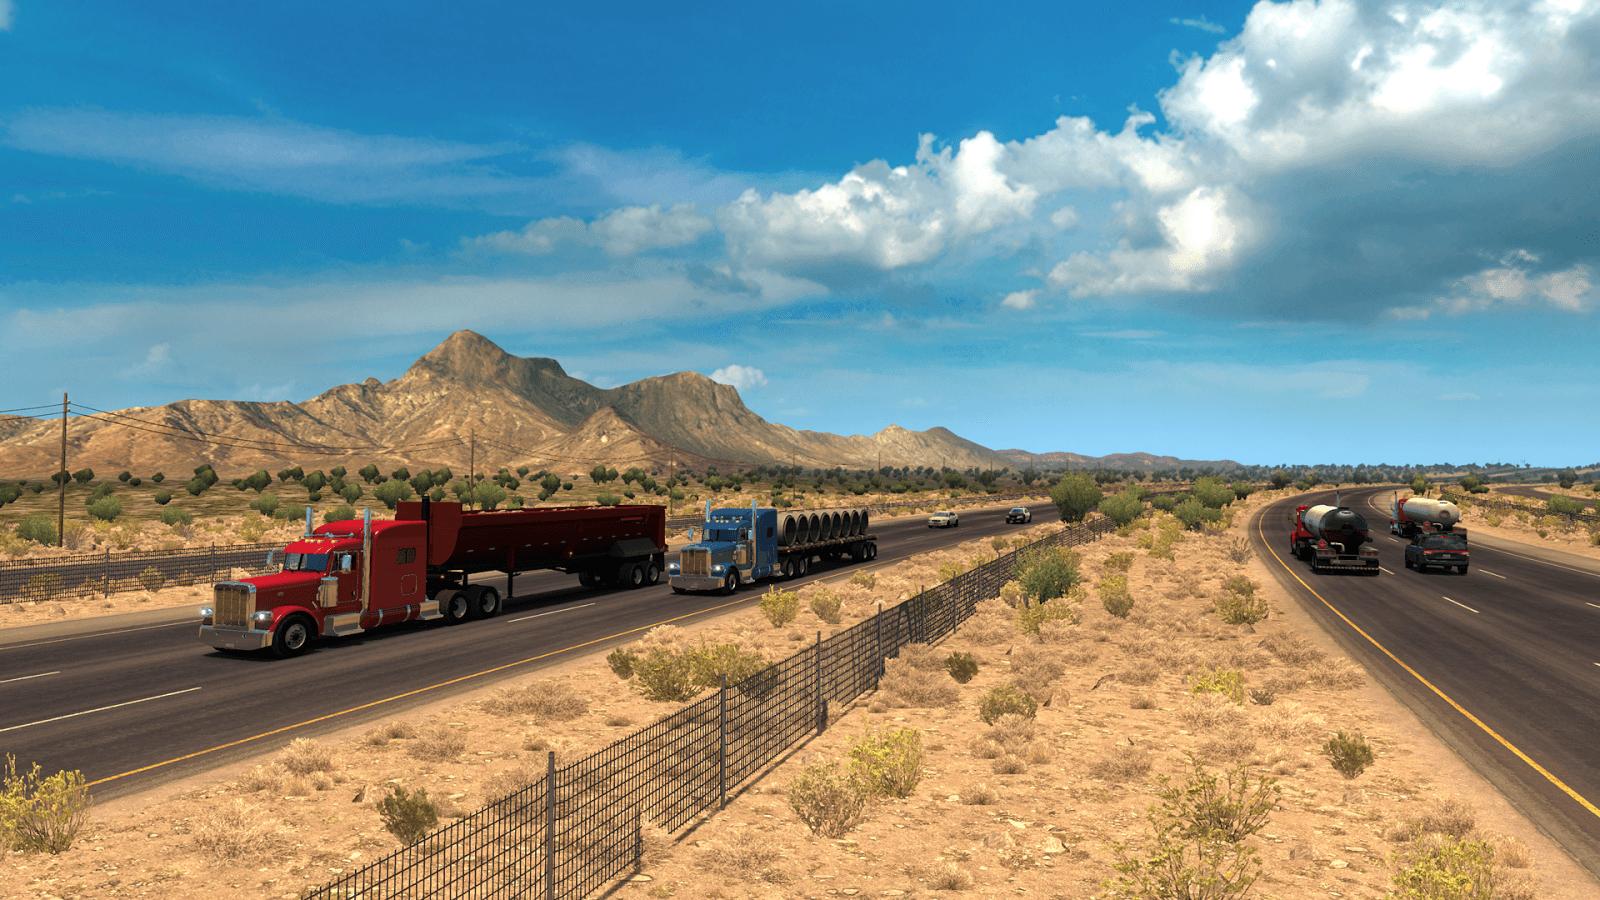 Состоялся релиз обновления American Truck Simulator 1.5 с обновлённой картой